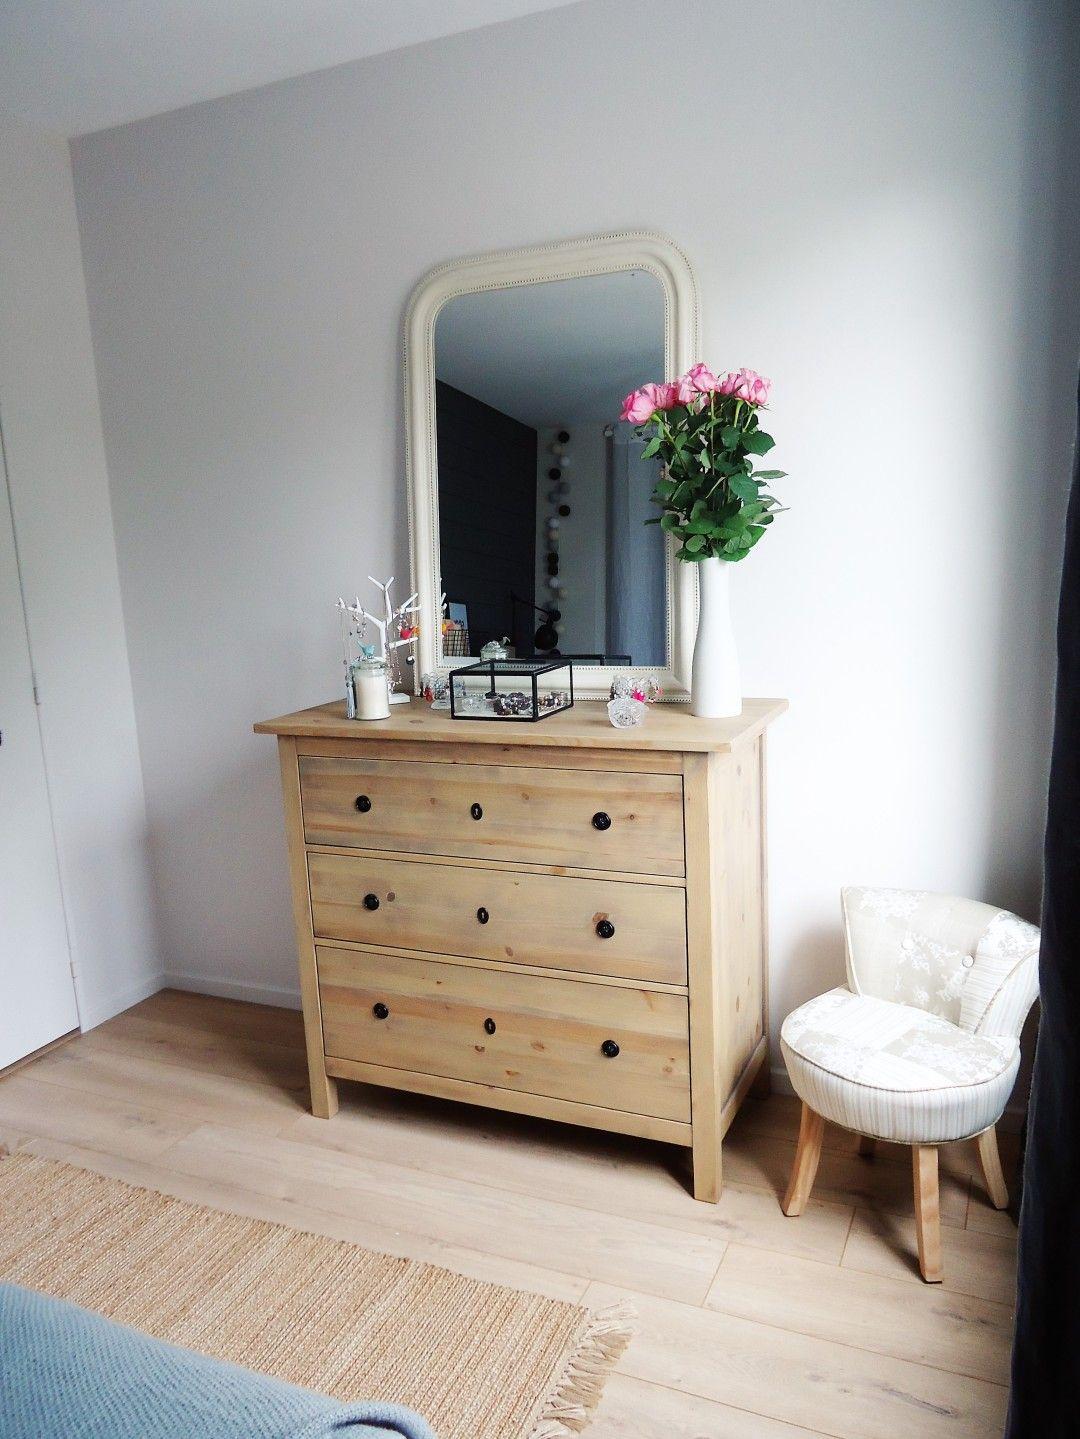 relooker une commode ikea id es pour la maison en 2019. Black Bedroom Furniture Sets. Home Design Ideas